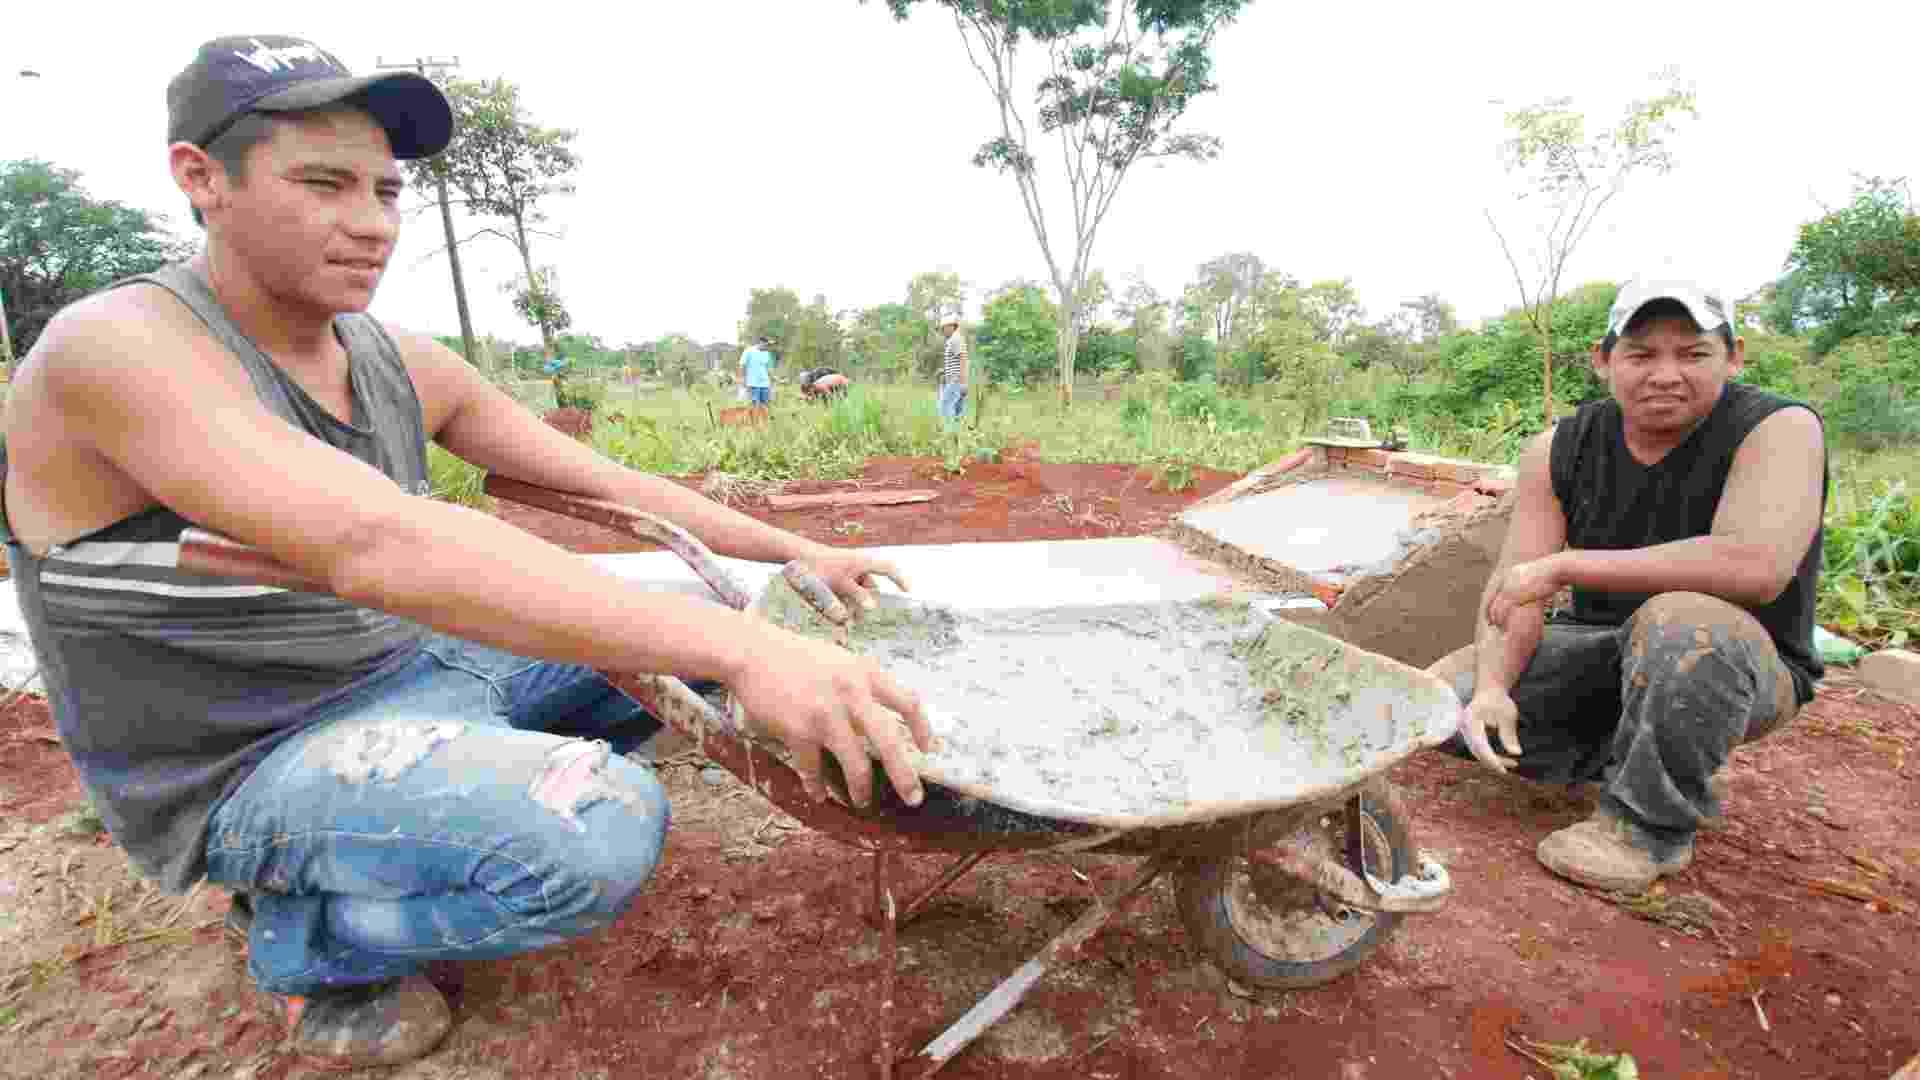 Os índios reclamam da falta de estrutura dos cemitérios das aldeias. Tiago Ávila e Adeilson Machado organizam o túmulo onde a avó foi sepultada - Ademir Almeida/UOL